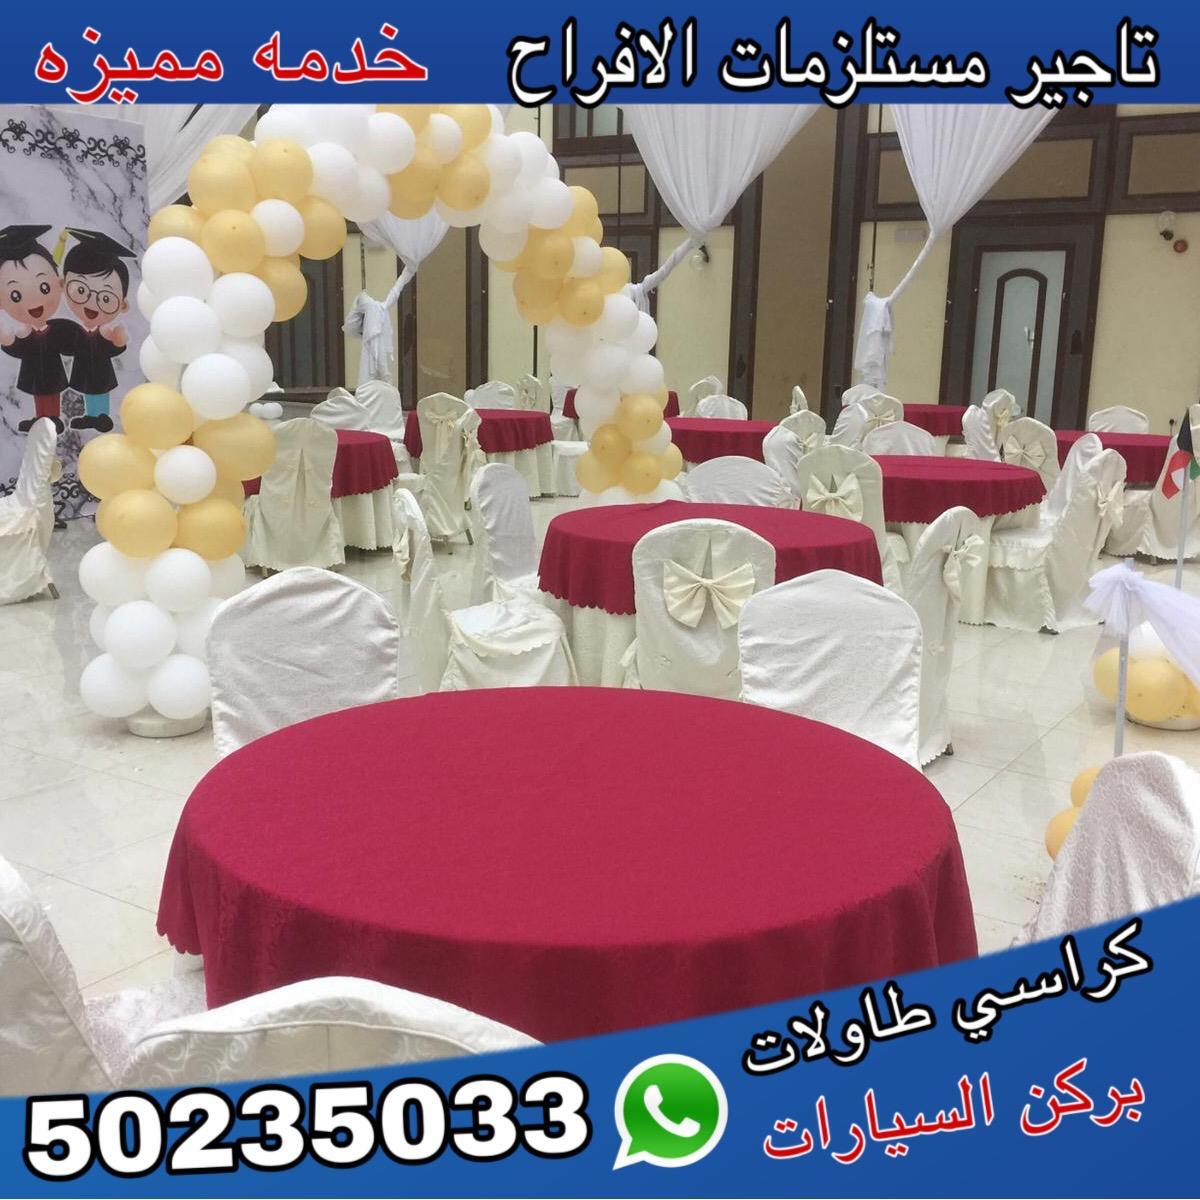 شركات تنظيم حفلات الاعراس والمناسبات | 50235033